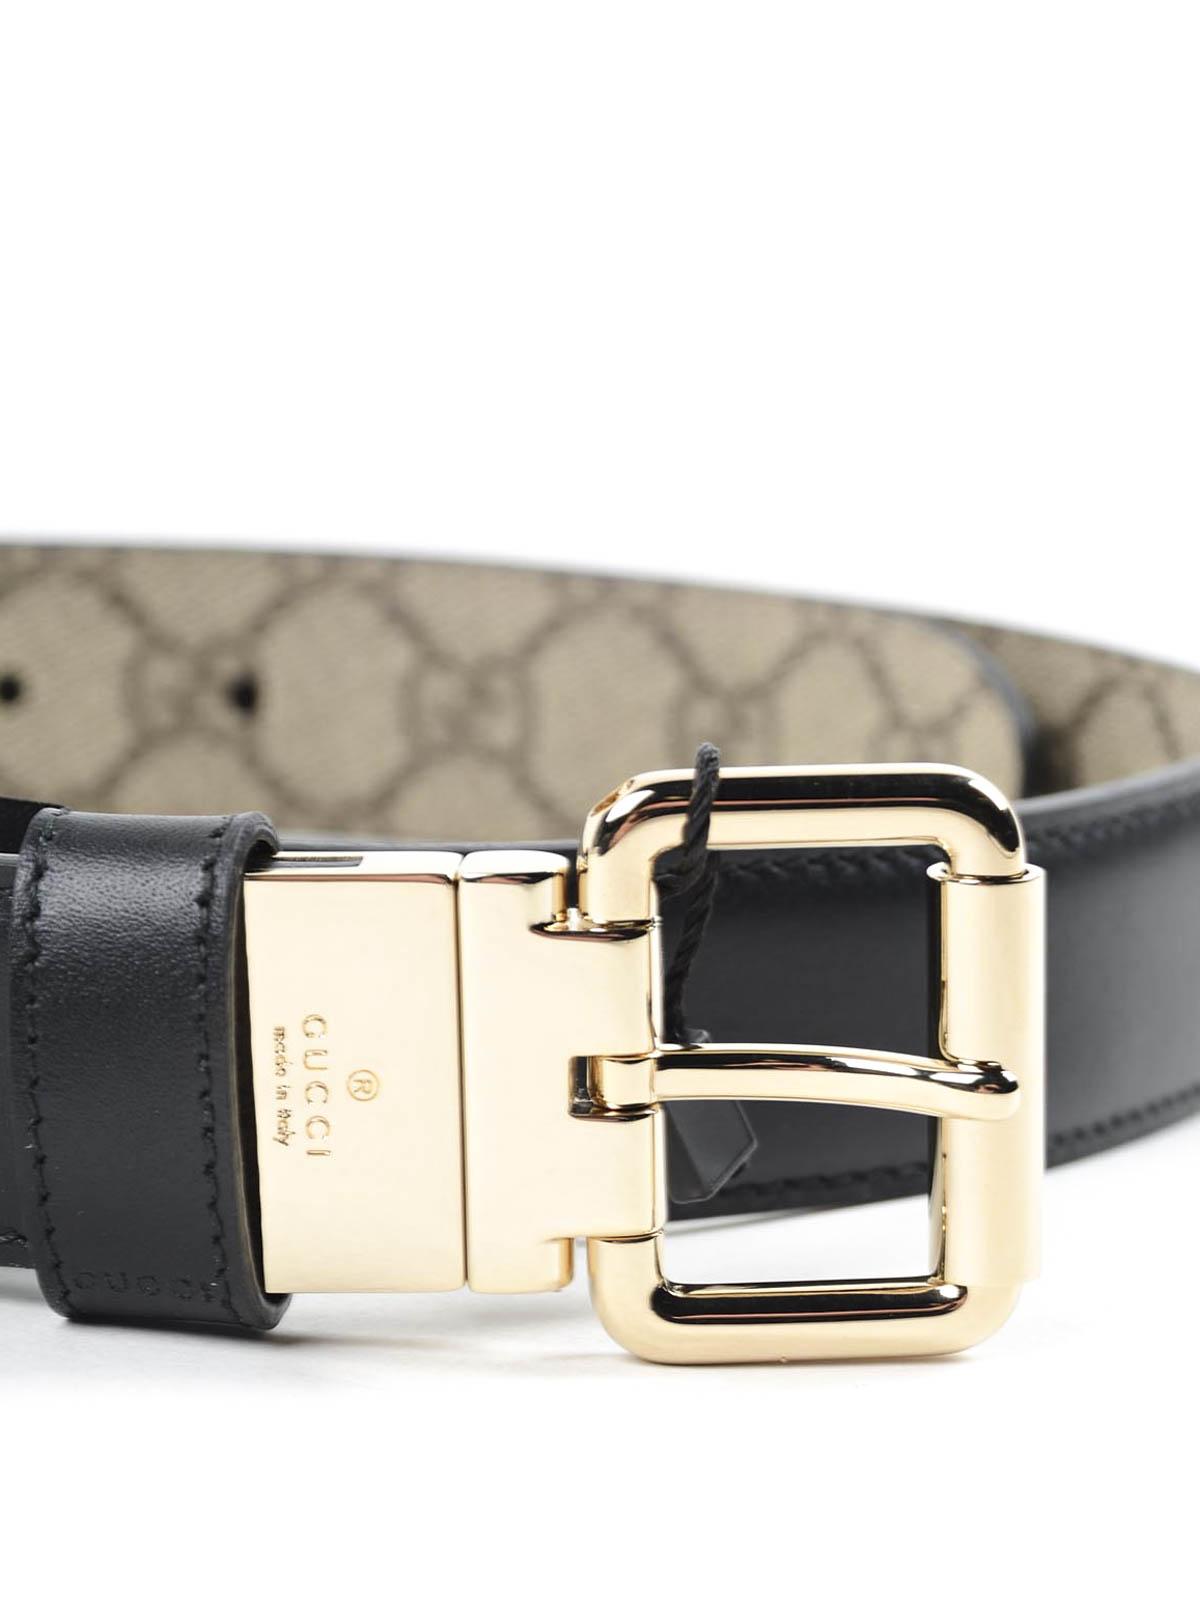 Gucci - Cinturón Negro Para Mujer - Cinturones - 391271BTTAG 8775 b21619a4945